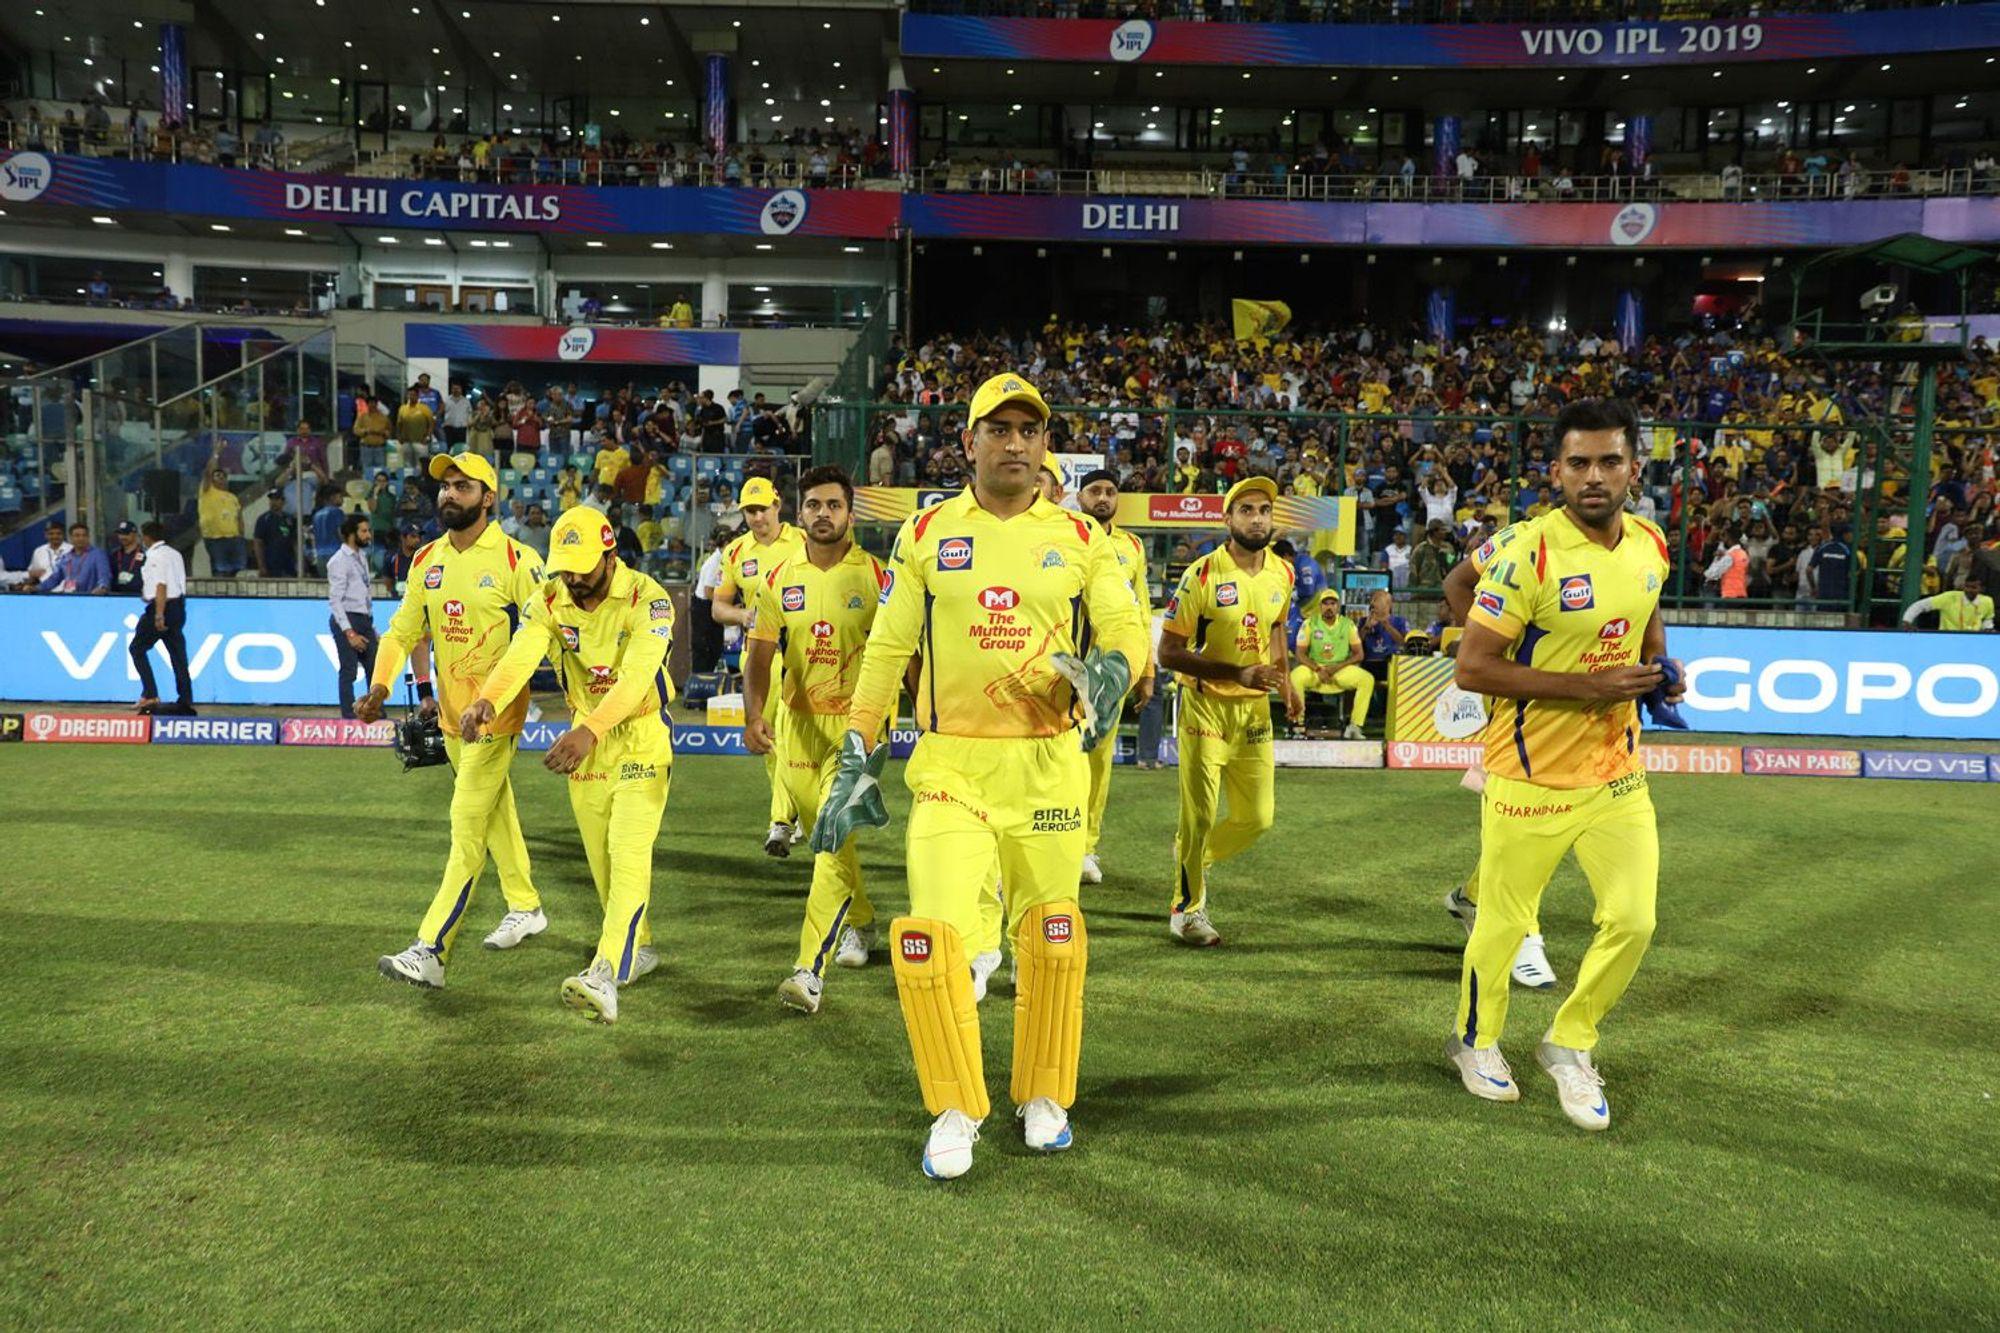 CSKvsRR: राजस्थान के खिलाफ इन 11 खिलाड़ियों के साथ उतर सकती है चेन्नई सुपर किंग्स, बड़ा बदलाव संभव